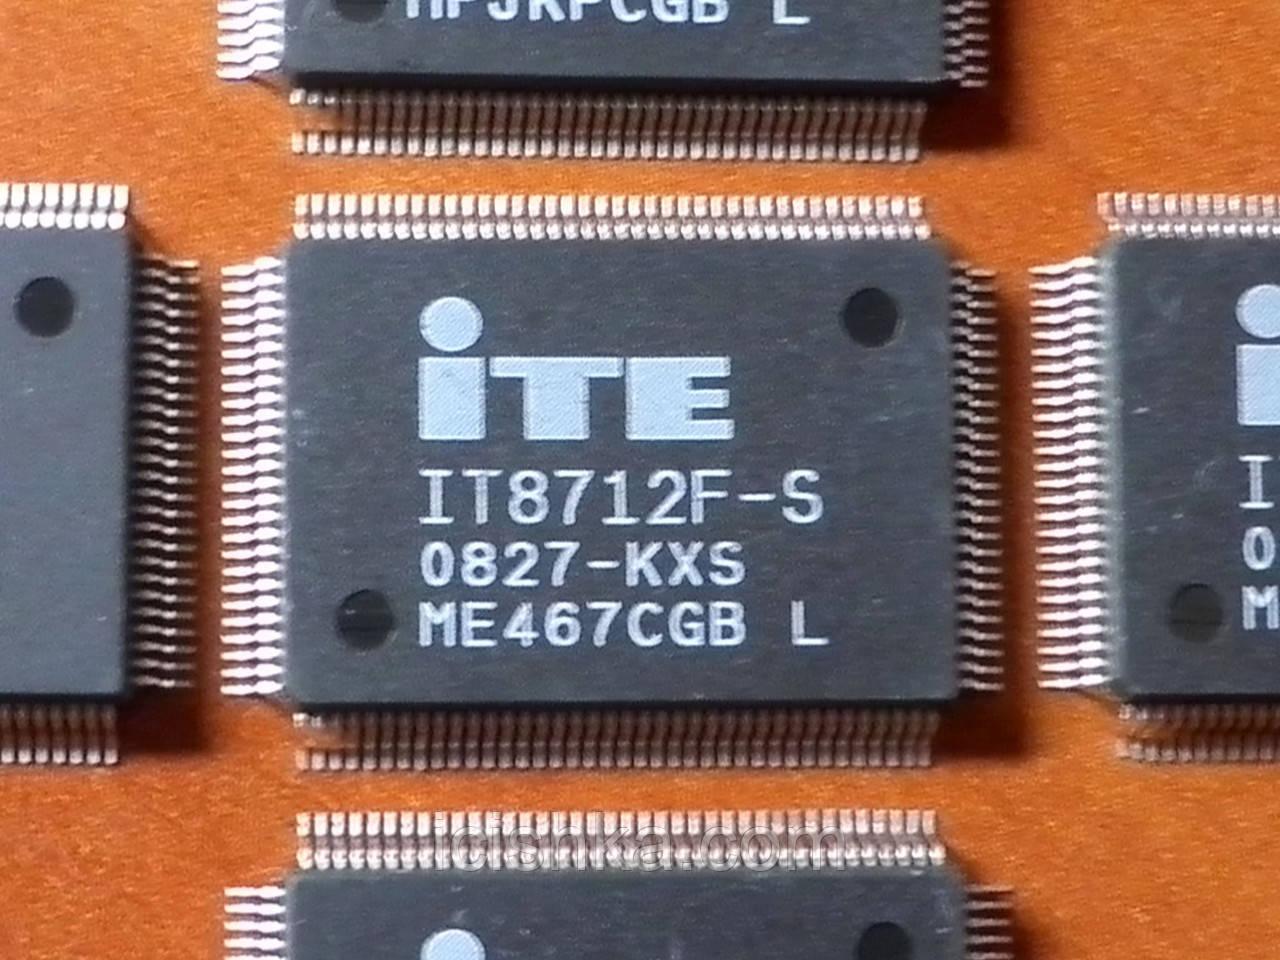 ITE IT8712F-S KXS GB - Мультиконтроллер